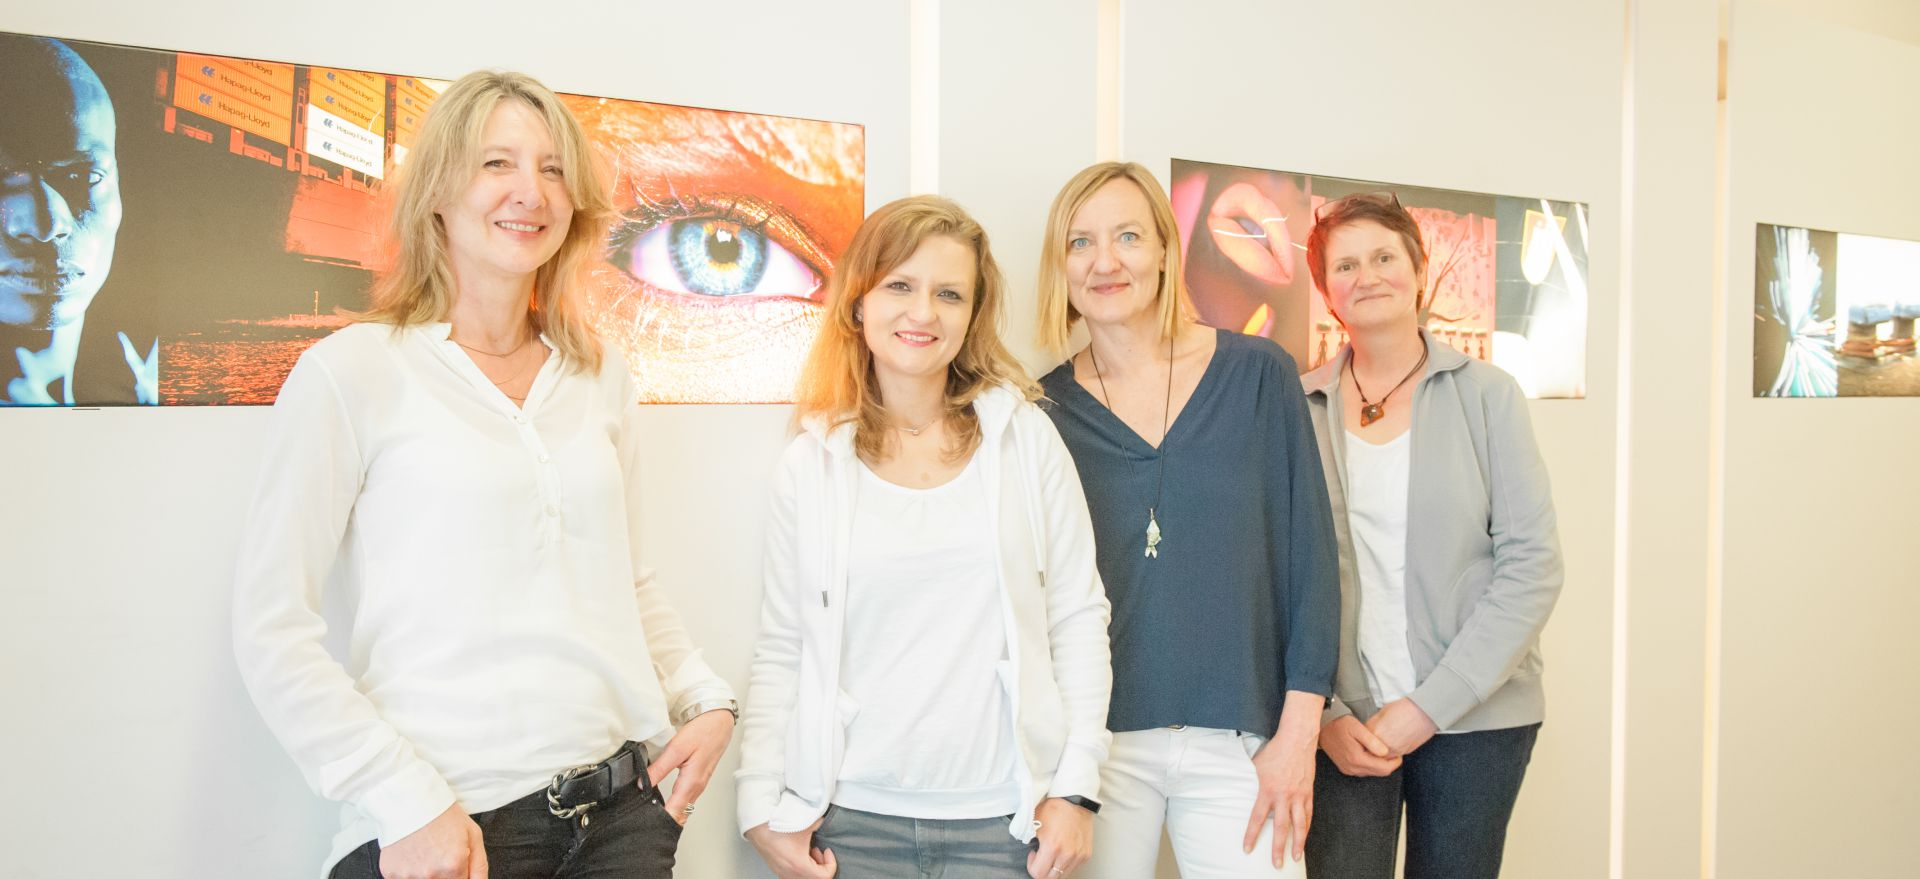 Dagmar Carstens | Augenärztin